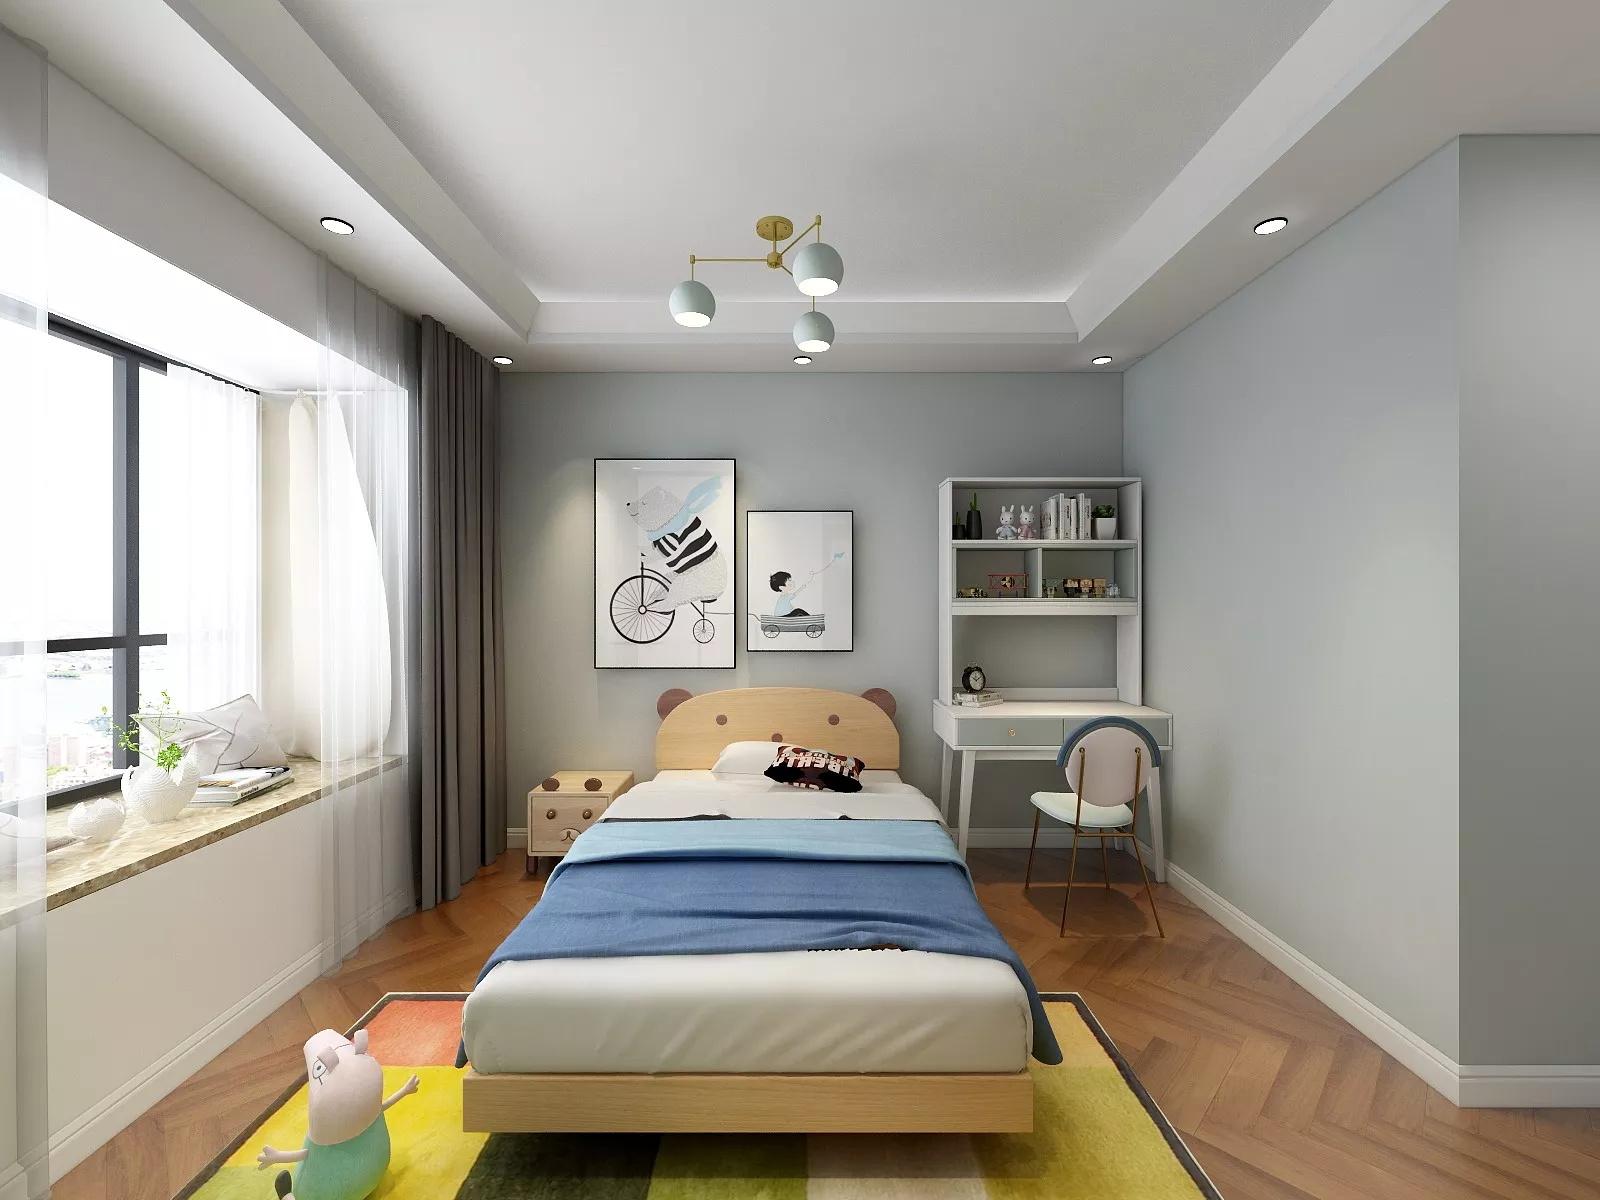 中式风格门厅装修有什么要点?中式风格门厅设计方法